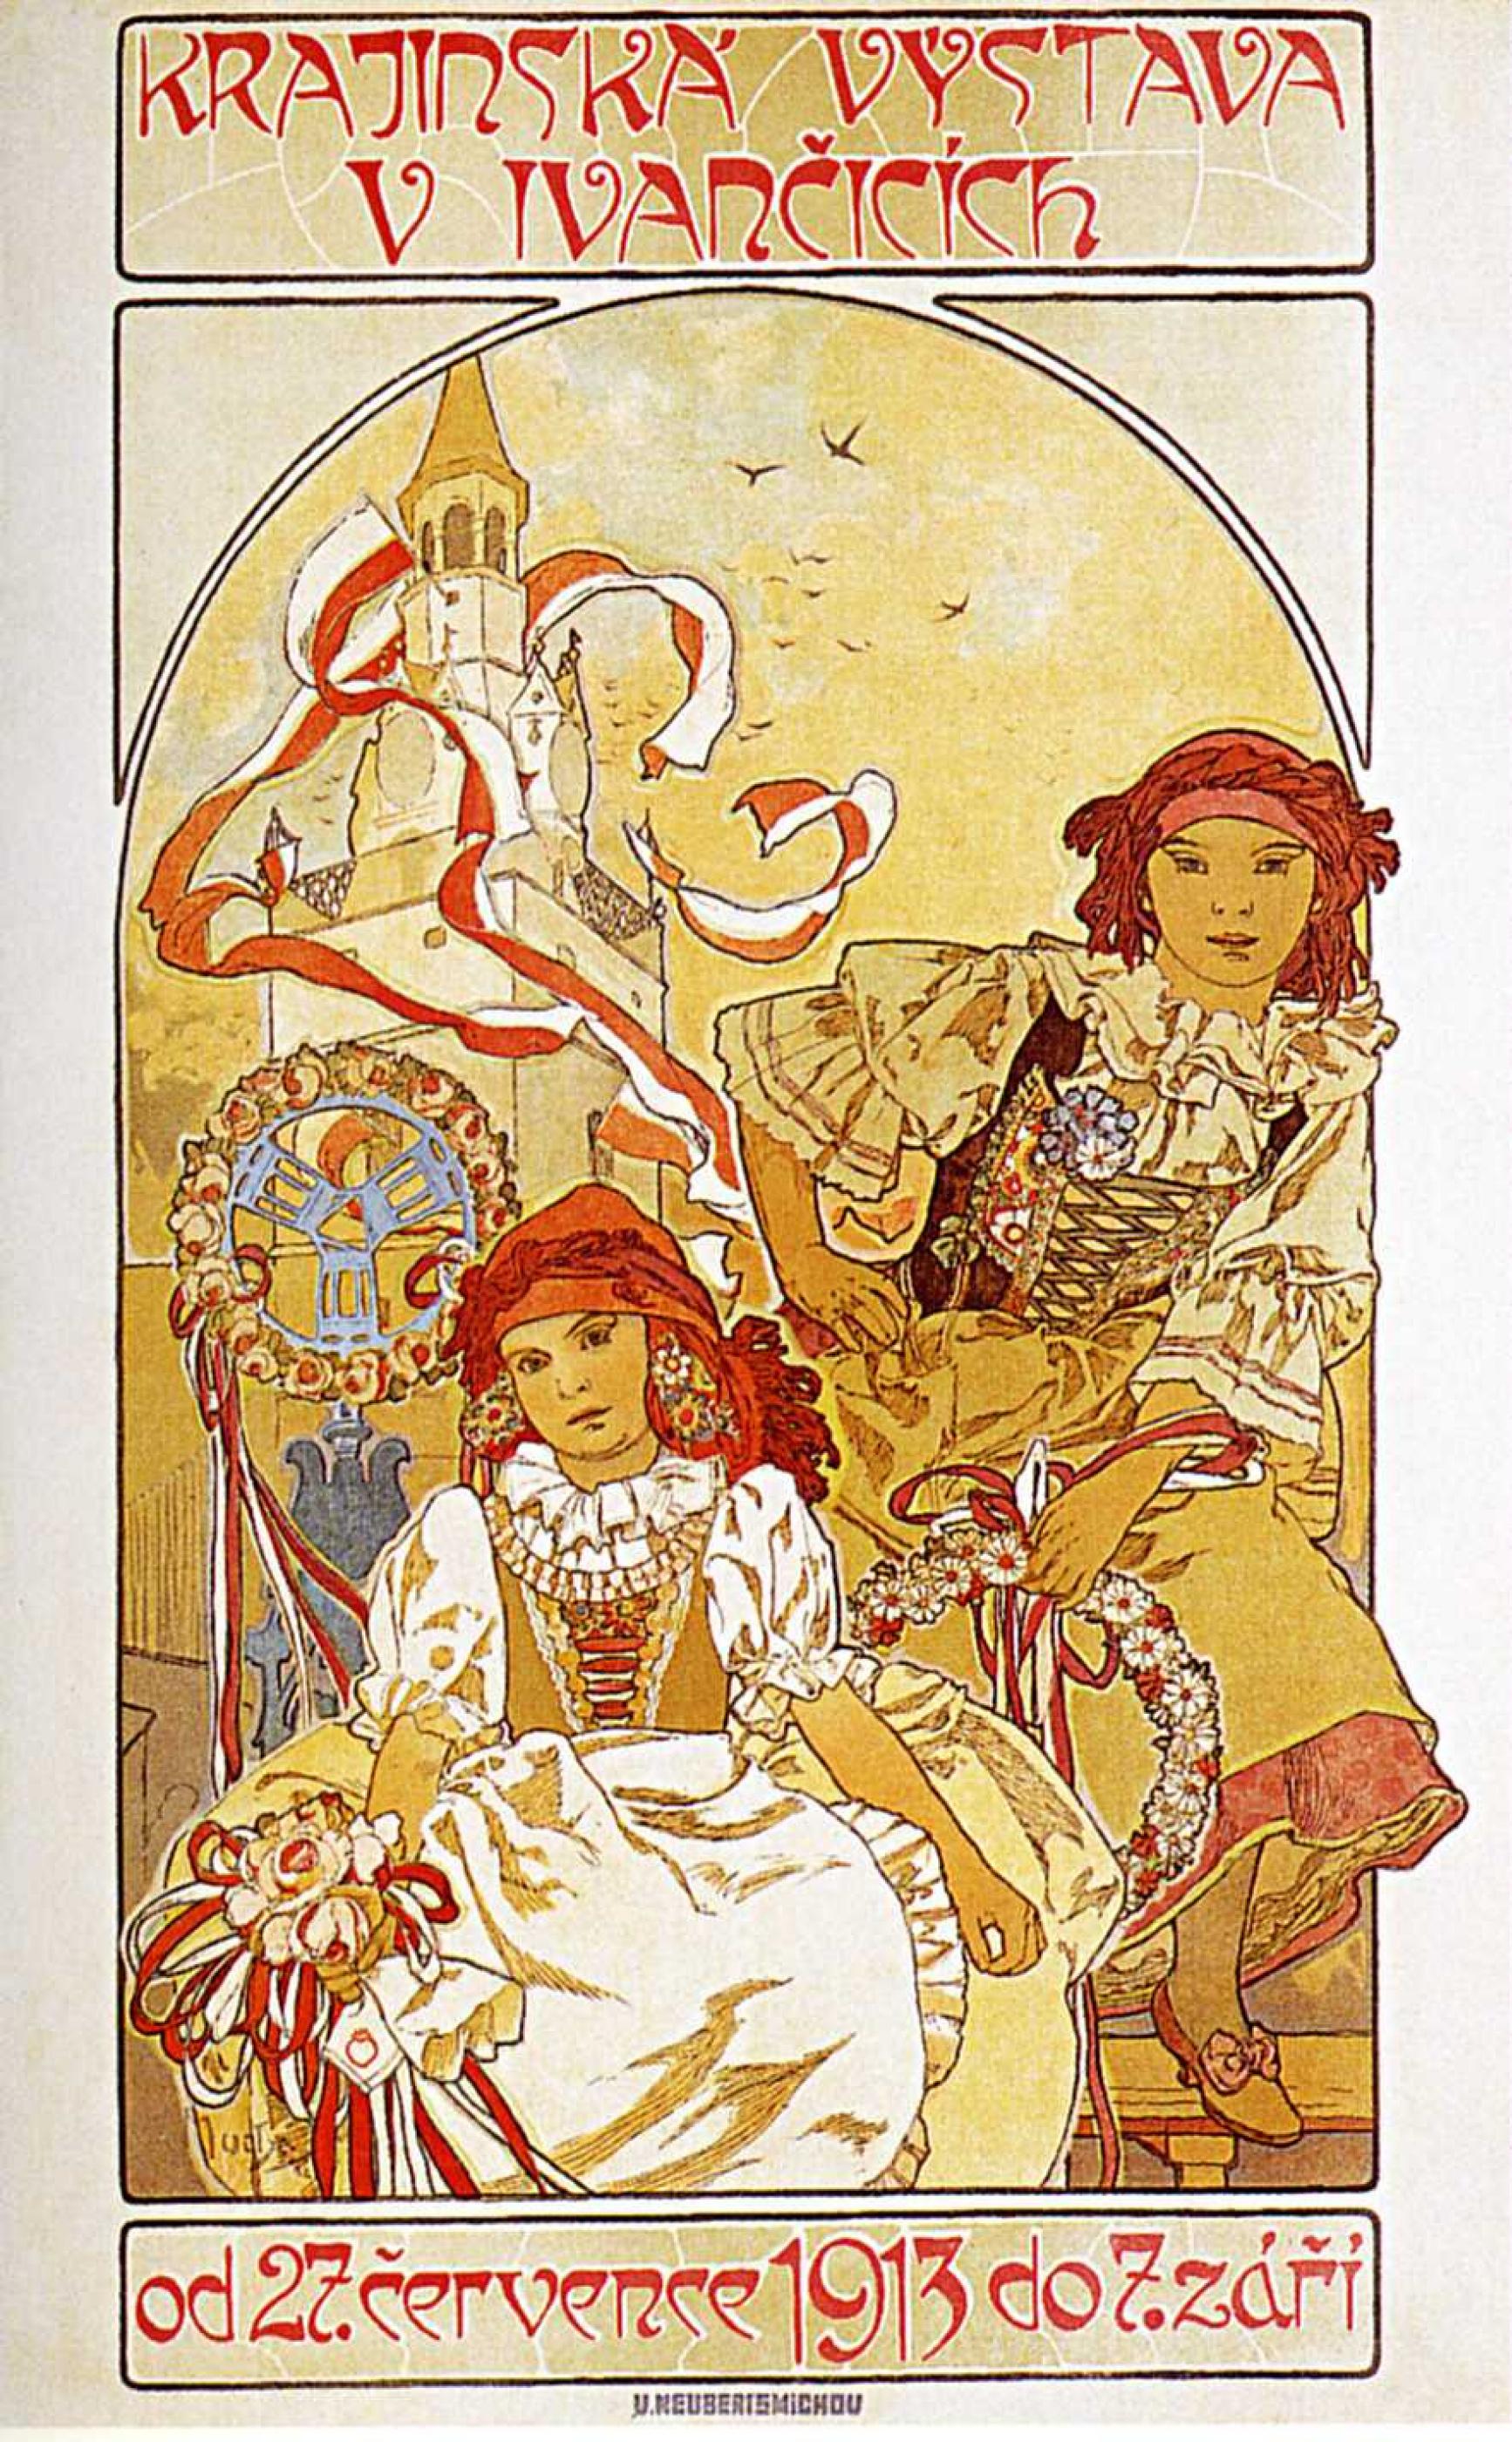 Альфонс Муха. Рекламный плакат к Региональной выставке в Иванчице